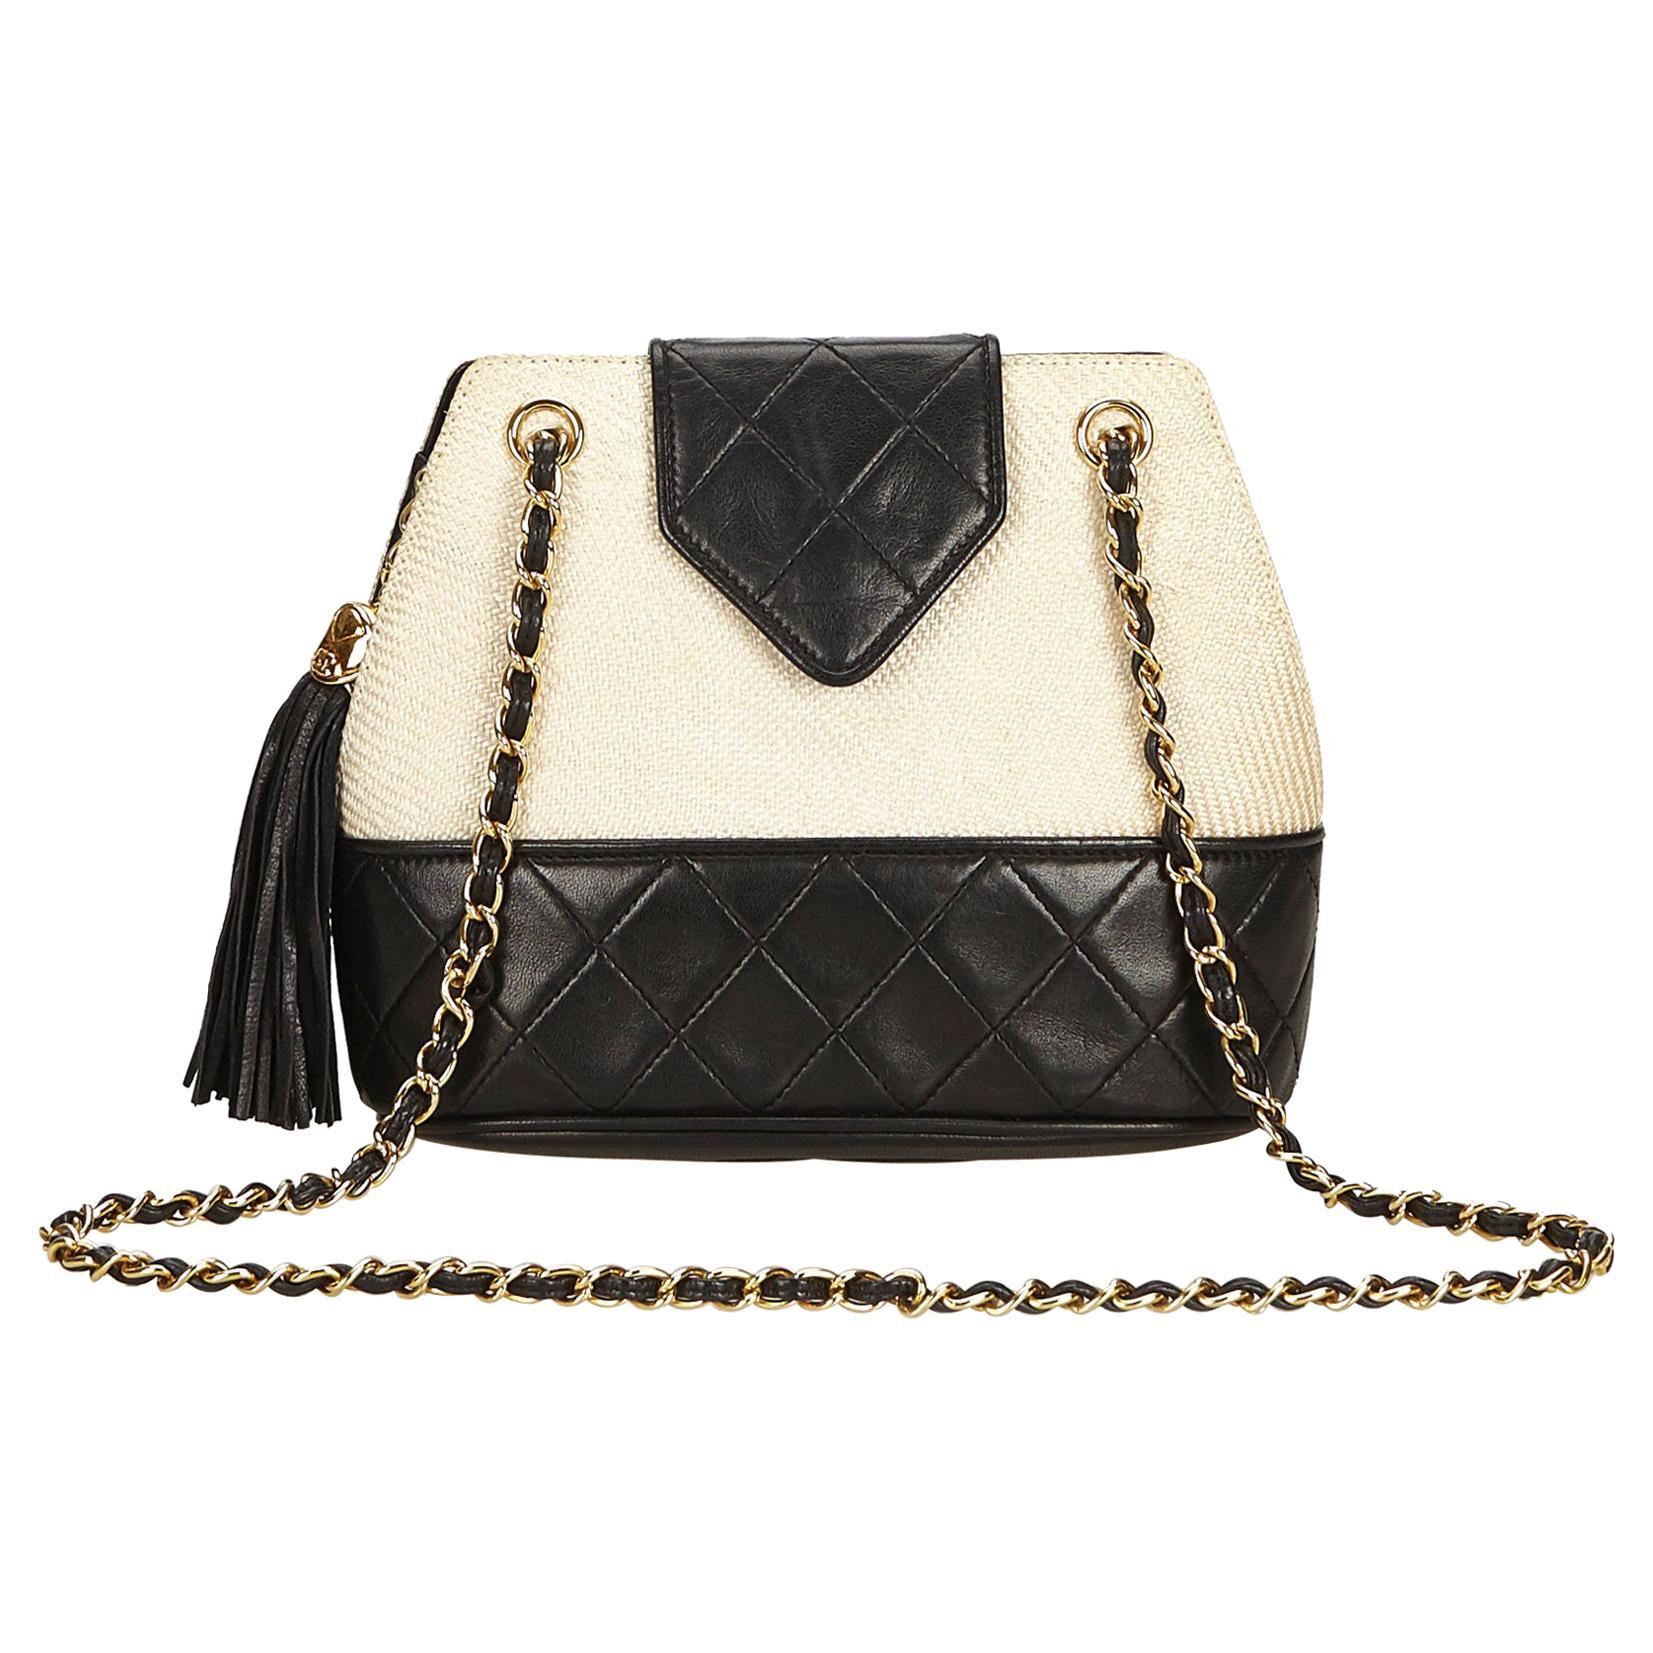 9e22567a07b1 Chanel White Woven Raffia Chain Shoulder Bag at 1stdibs